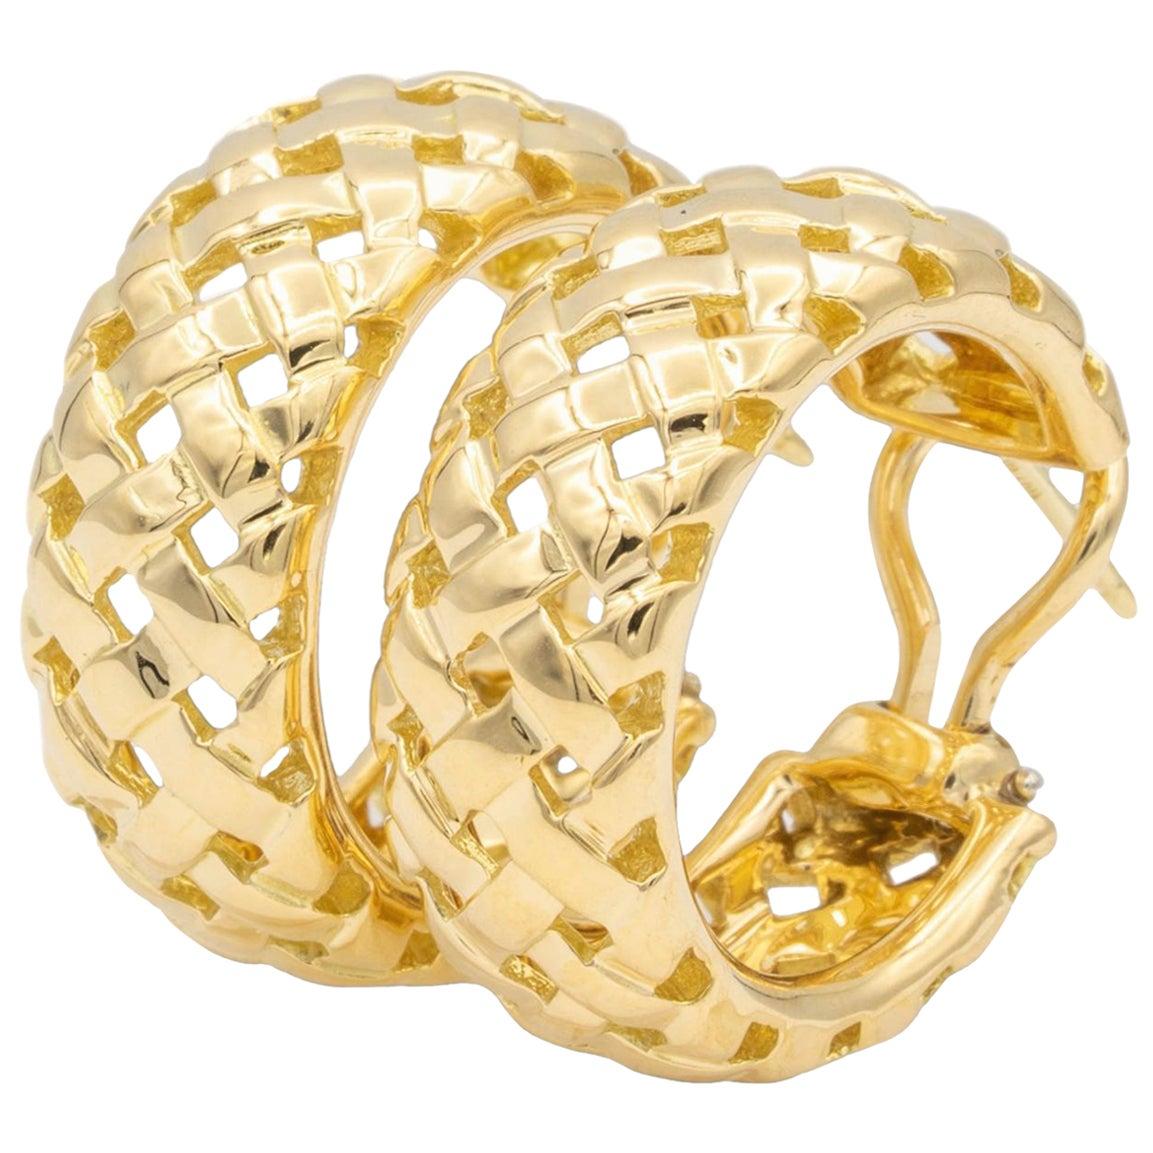 Vintage Tiffany & Co. Vannerie Wheat Basket 18K Gold Hoop Earrings Circa 1990